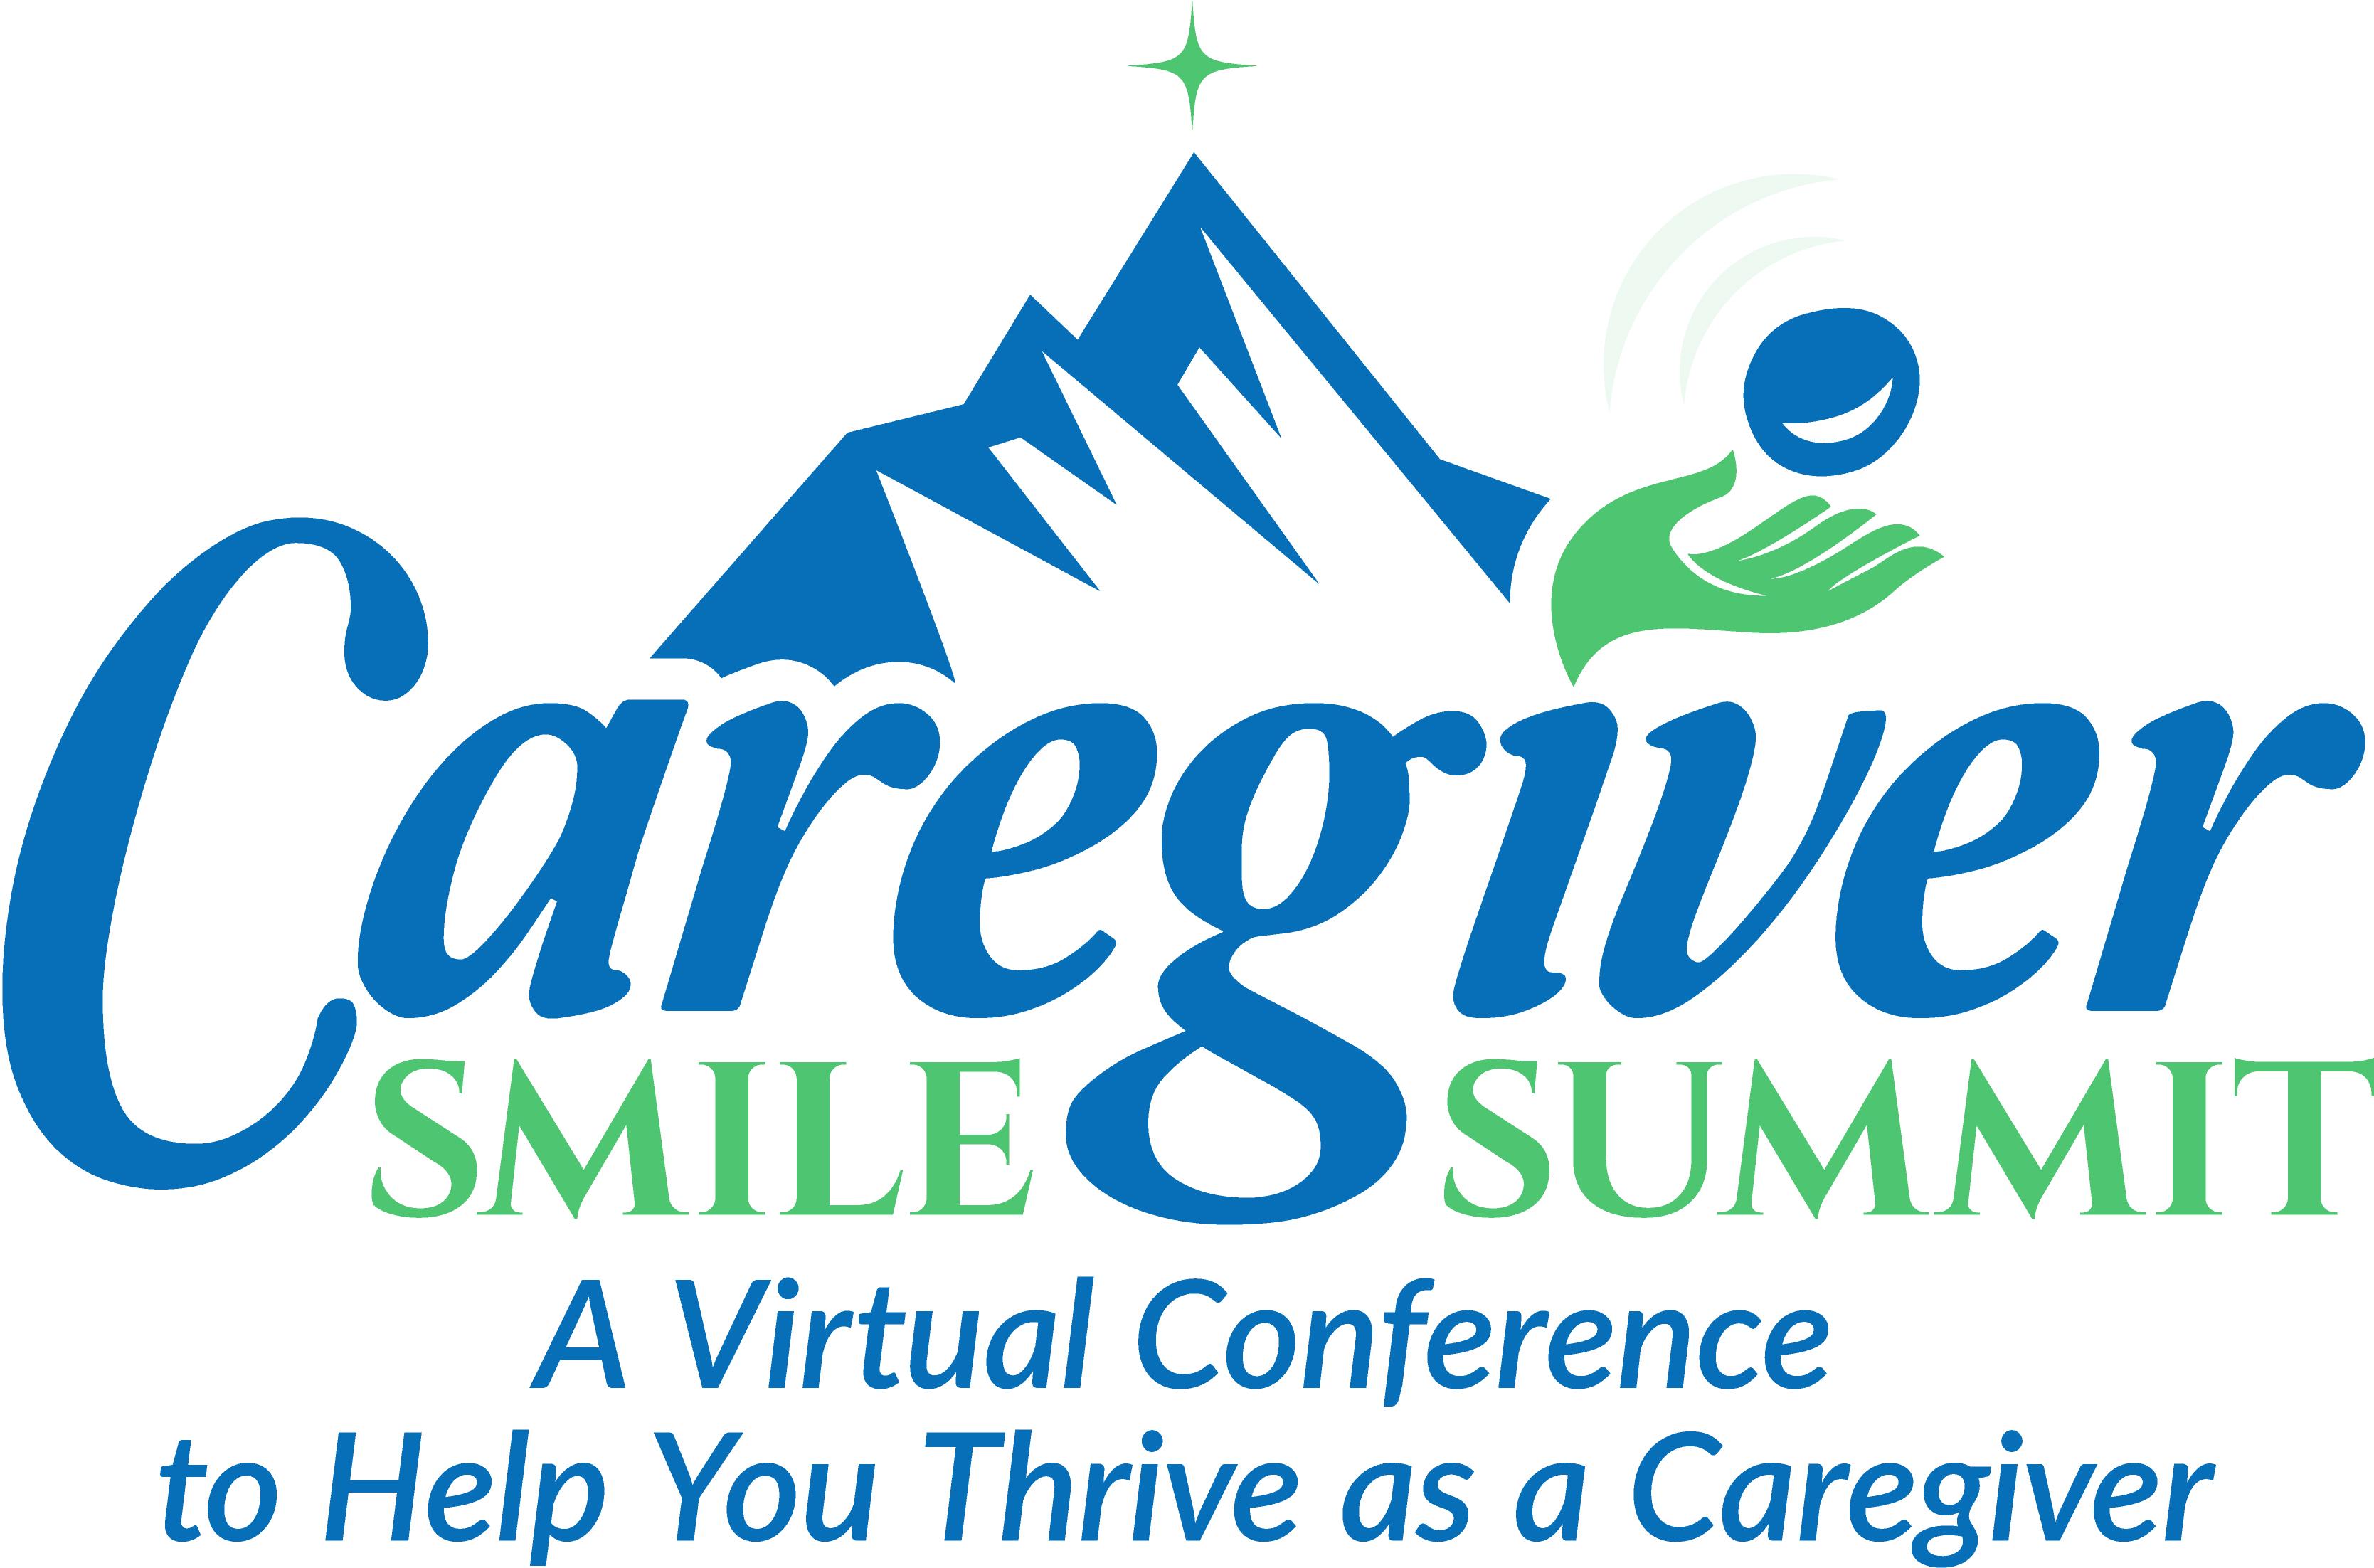 caregiver summit